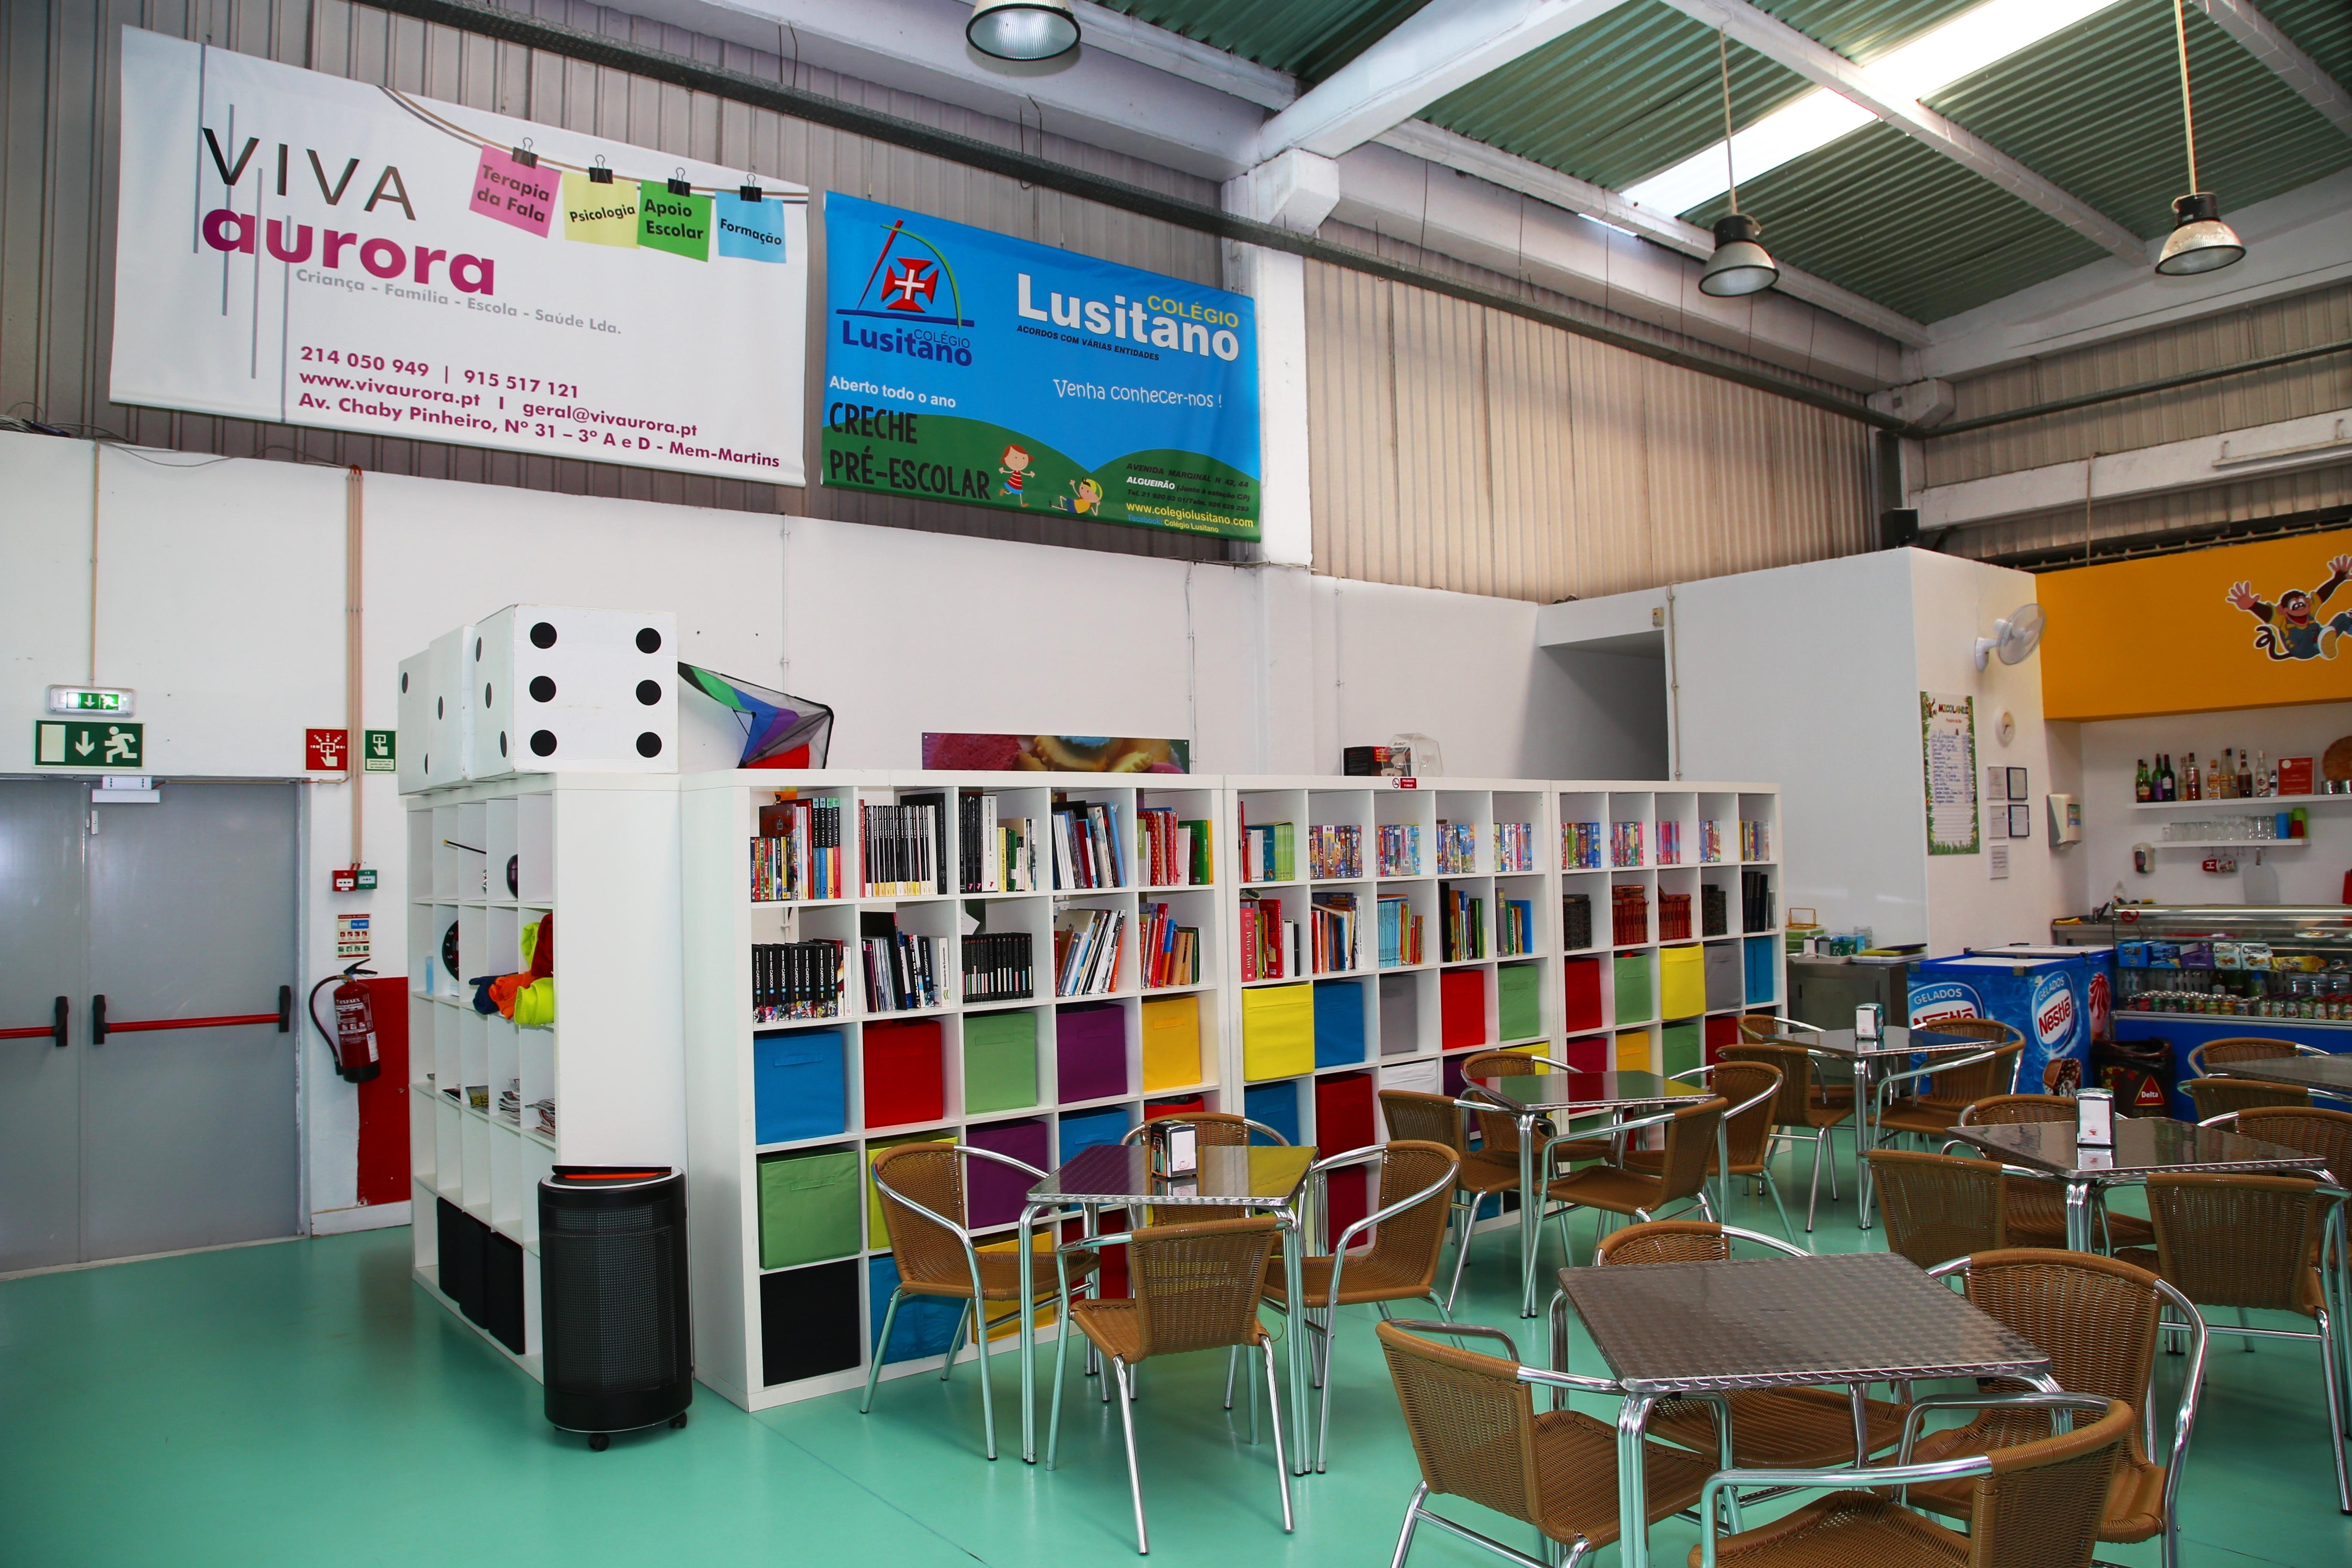 Esplanada Interior e Biblioteca do Mico